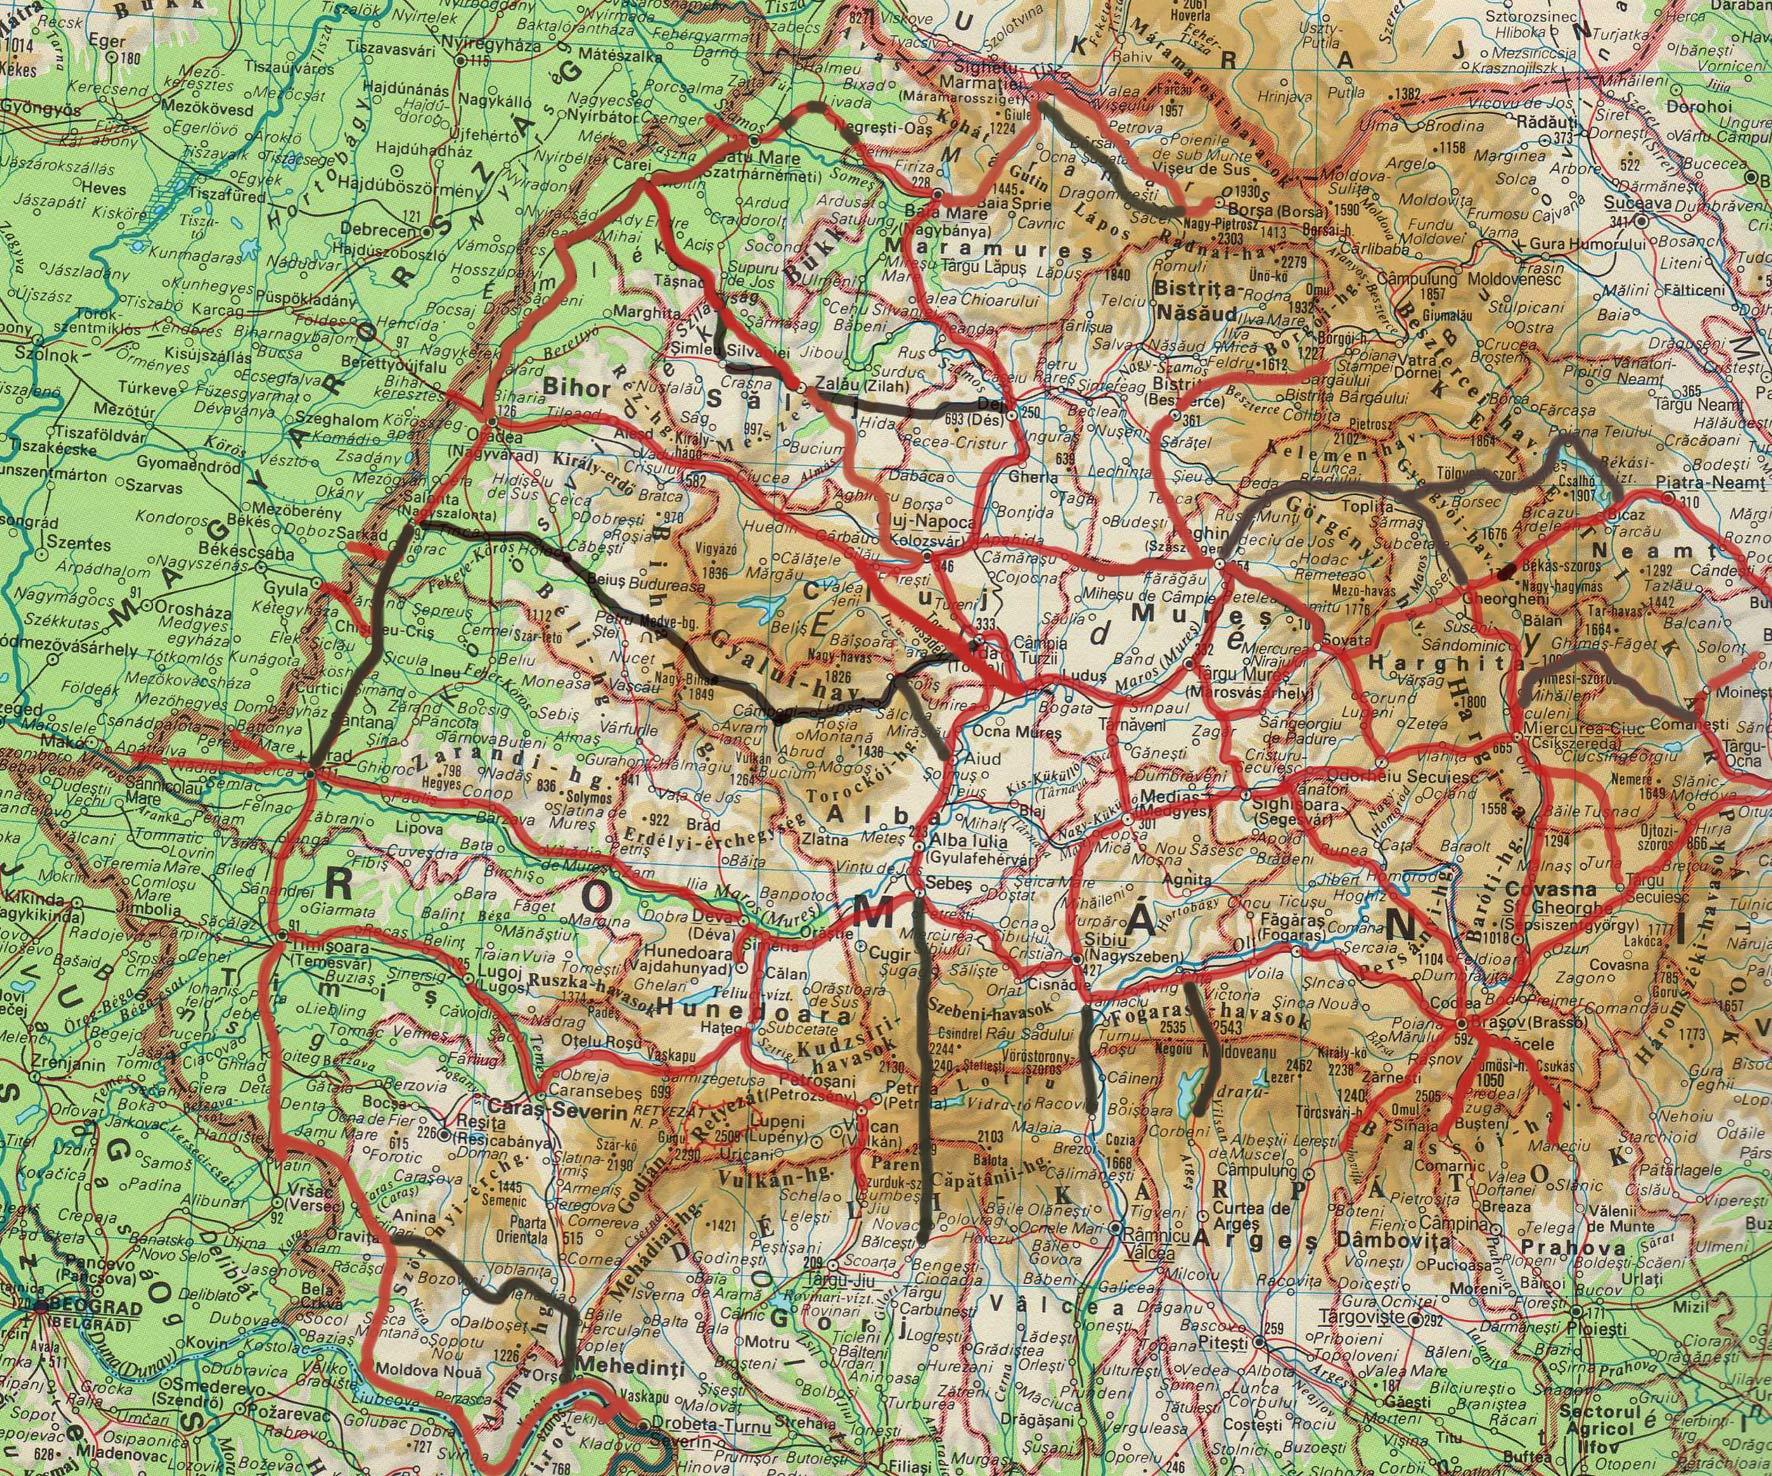 erdély térkép magyar helységnevek ERDÉLYBE UTAZÓKNAK erdély térkép magyar helységnevek